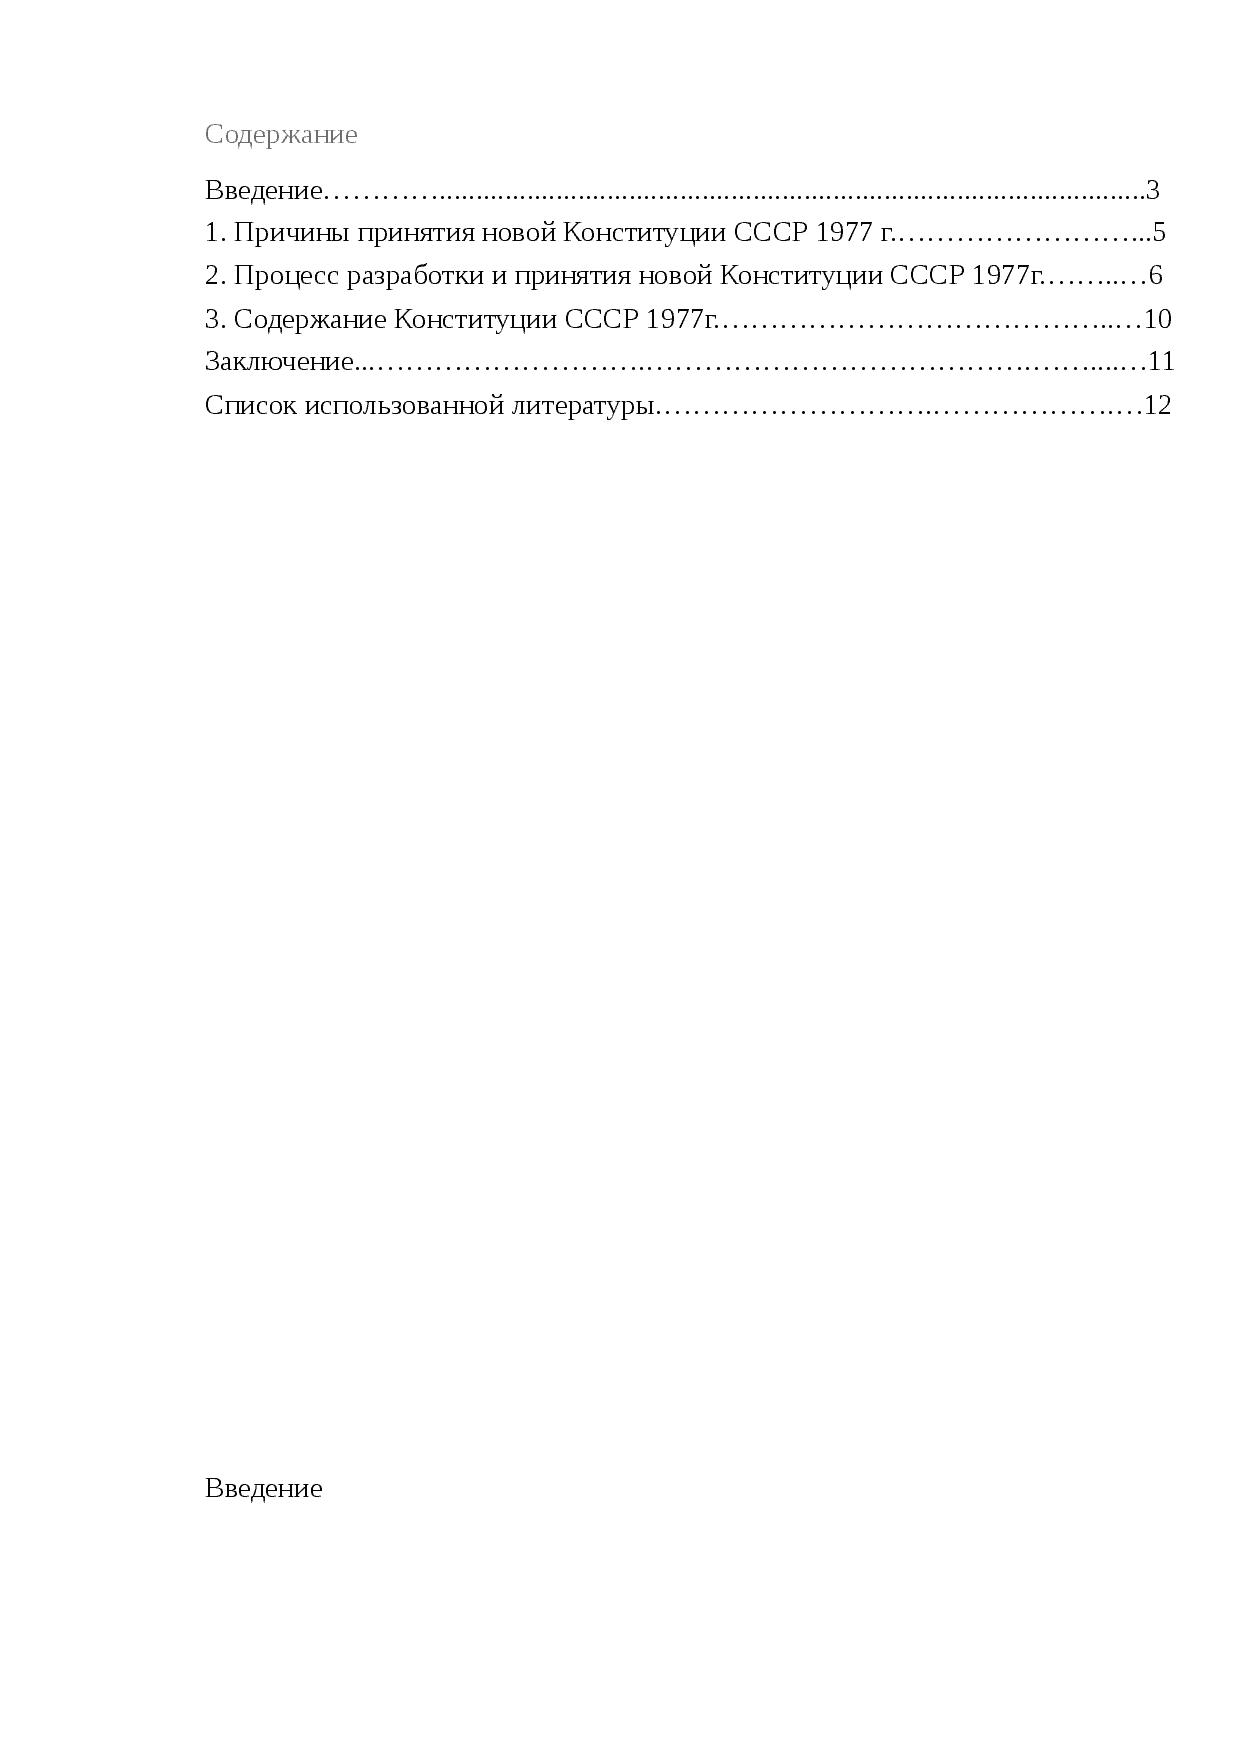 принятие новой конституции ссср